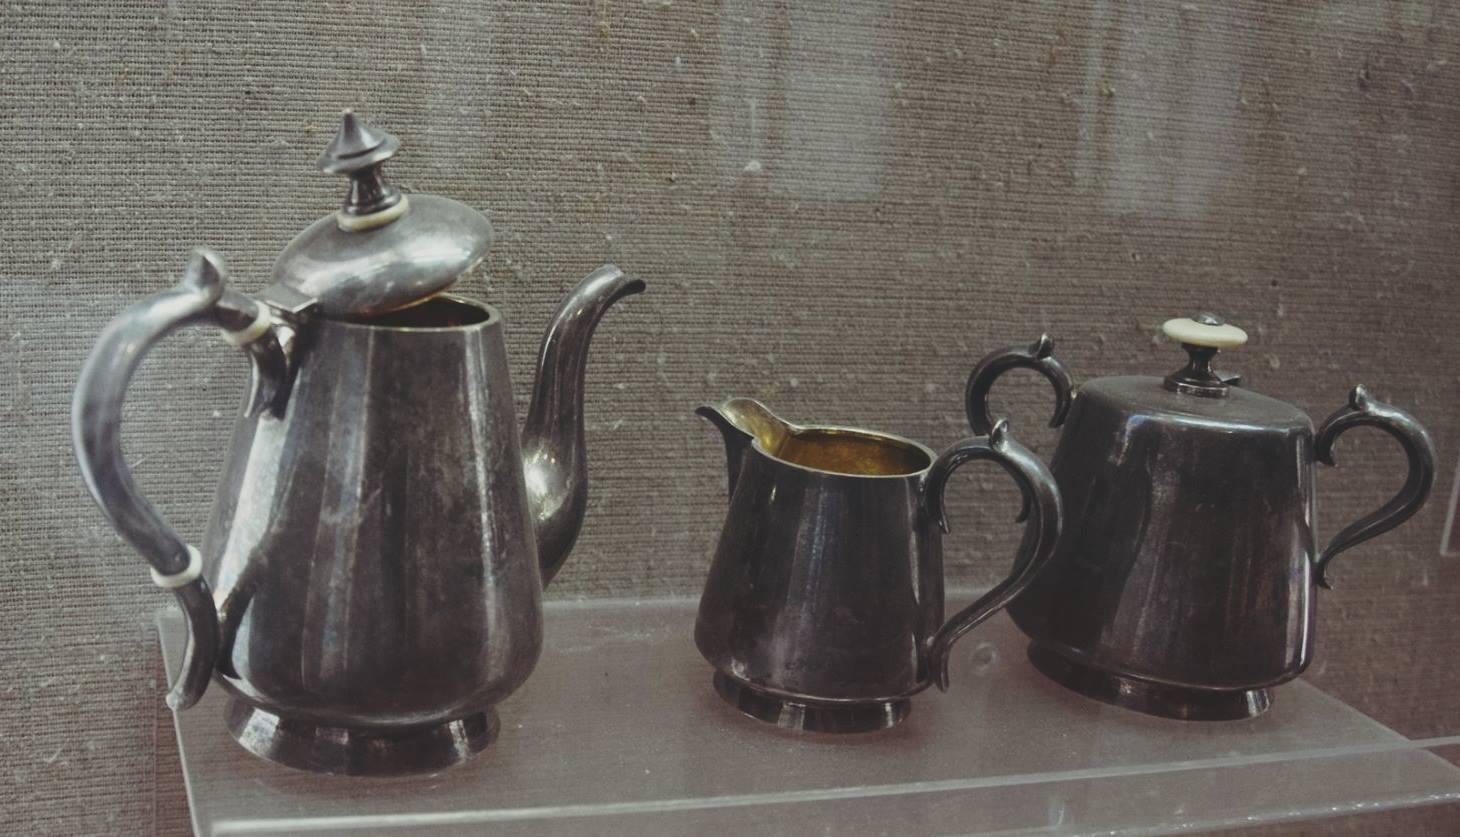 У мережі показали, як виглядала кондитерська та кавовий набір ХІХ століття у Луцьку. ФОТО